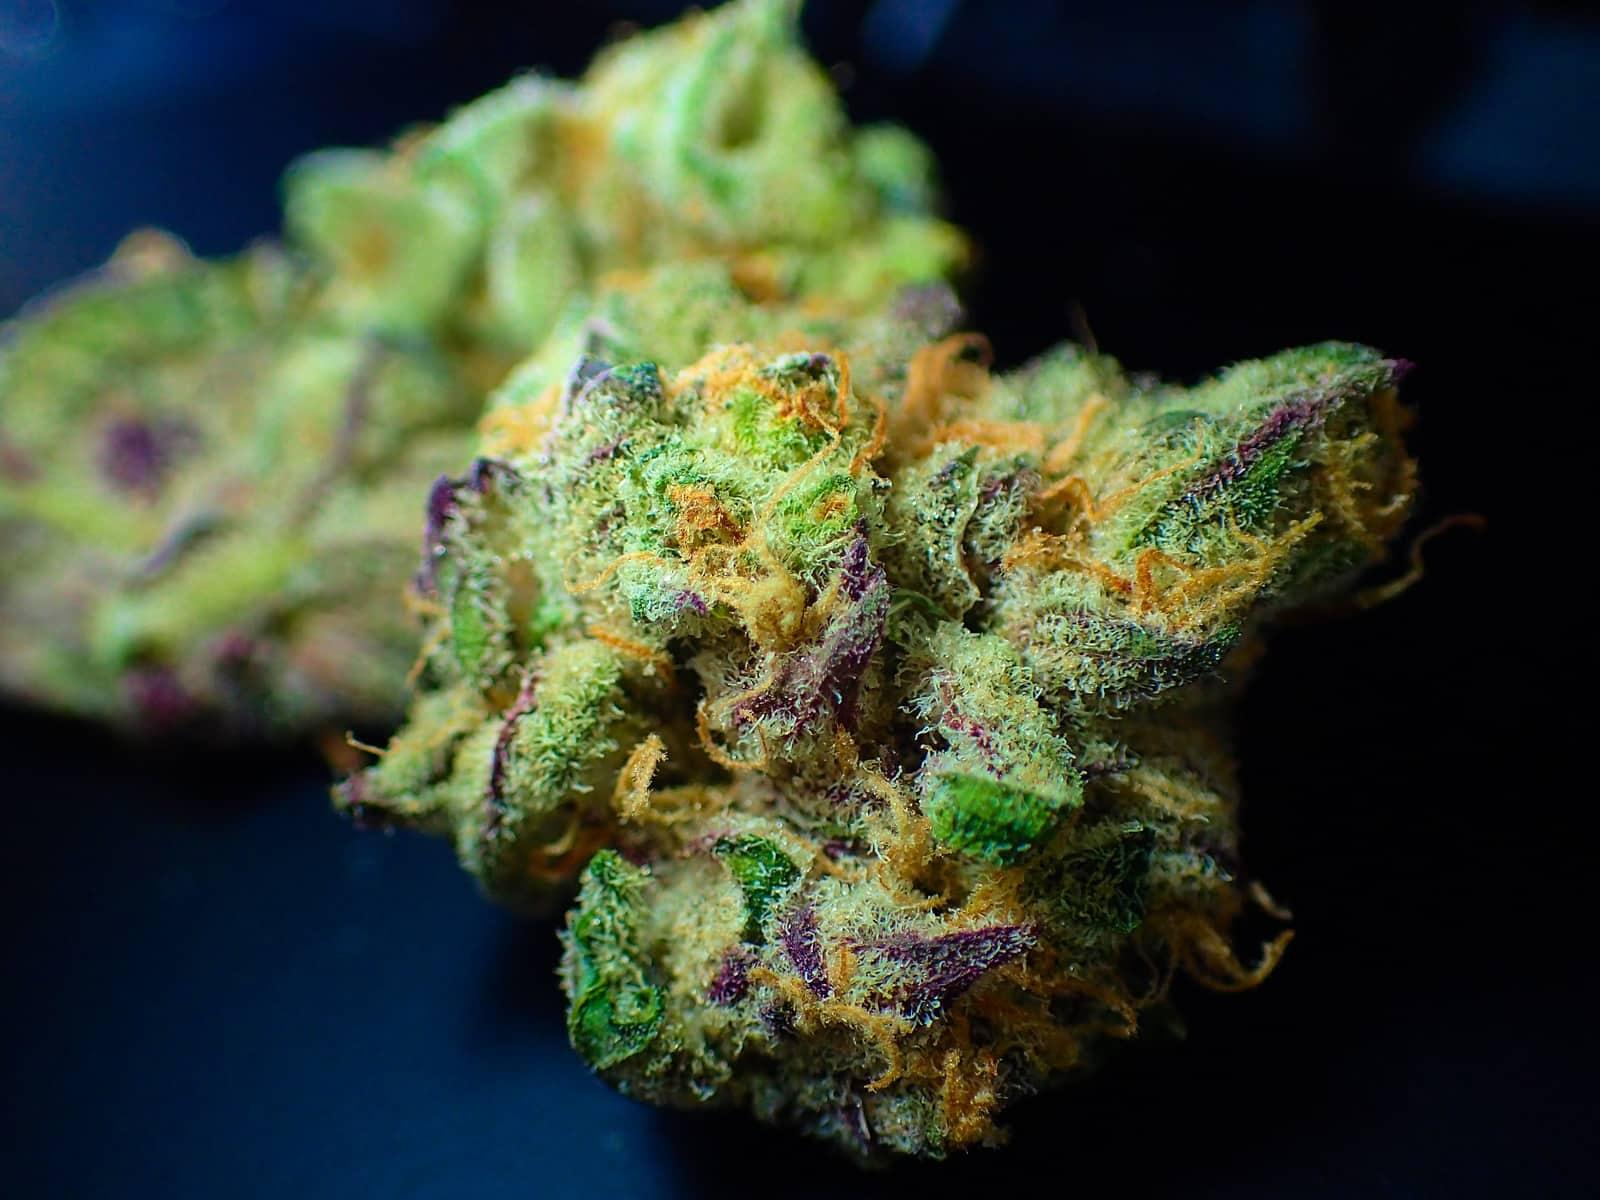 growing dagga Cannabis marijuana weed at home 5